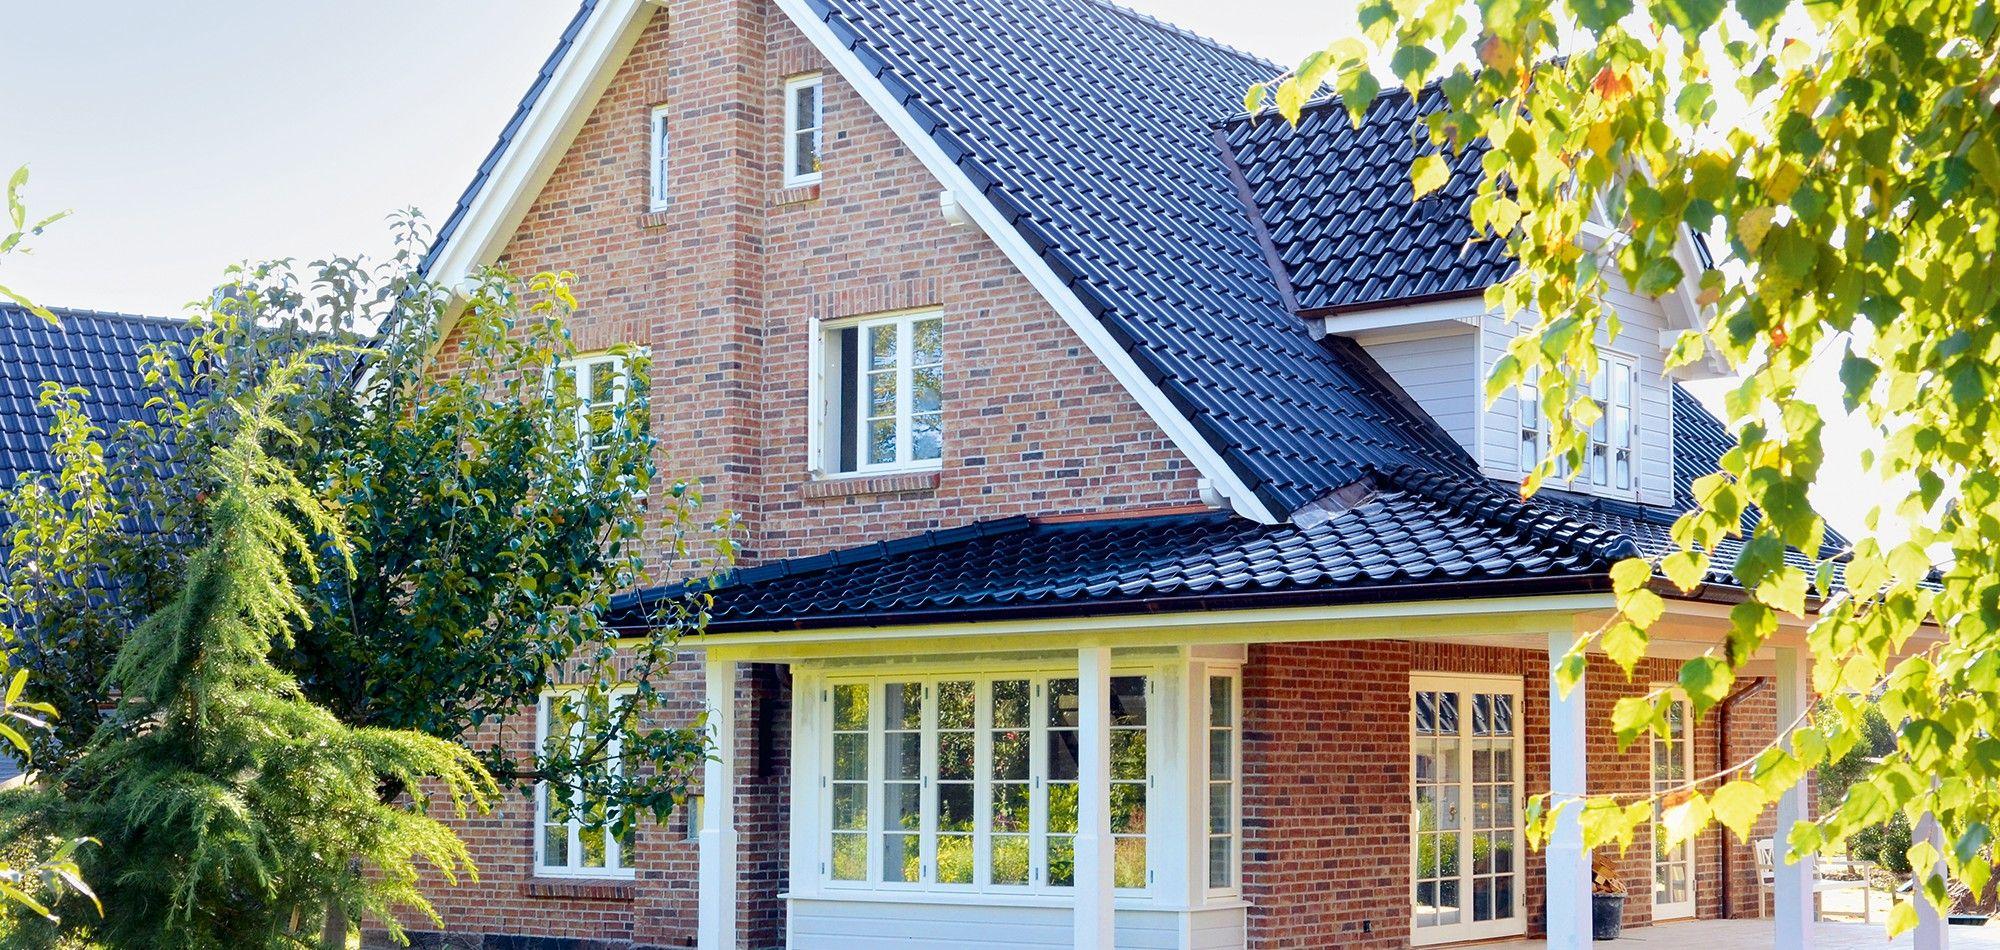 Verblendetes Einfamilienhaus, Eutin Holzhäuser